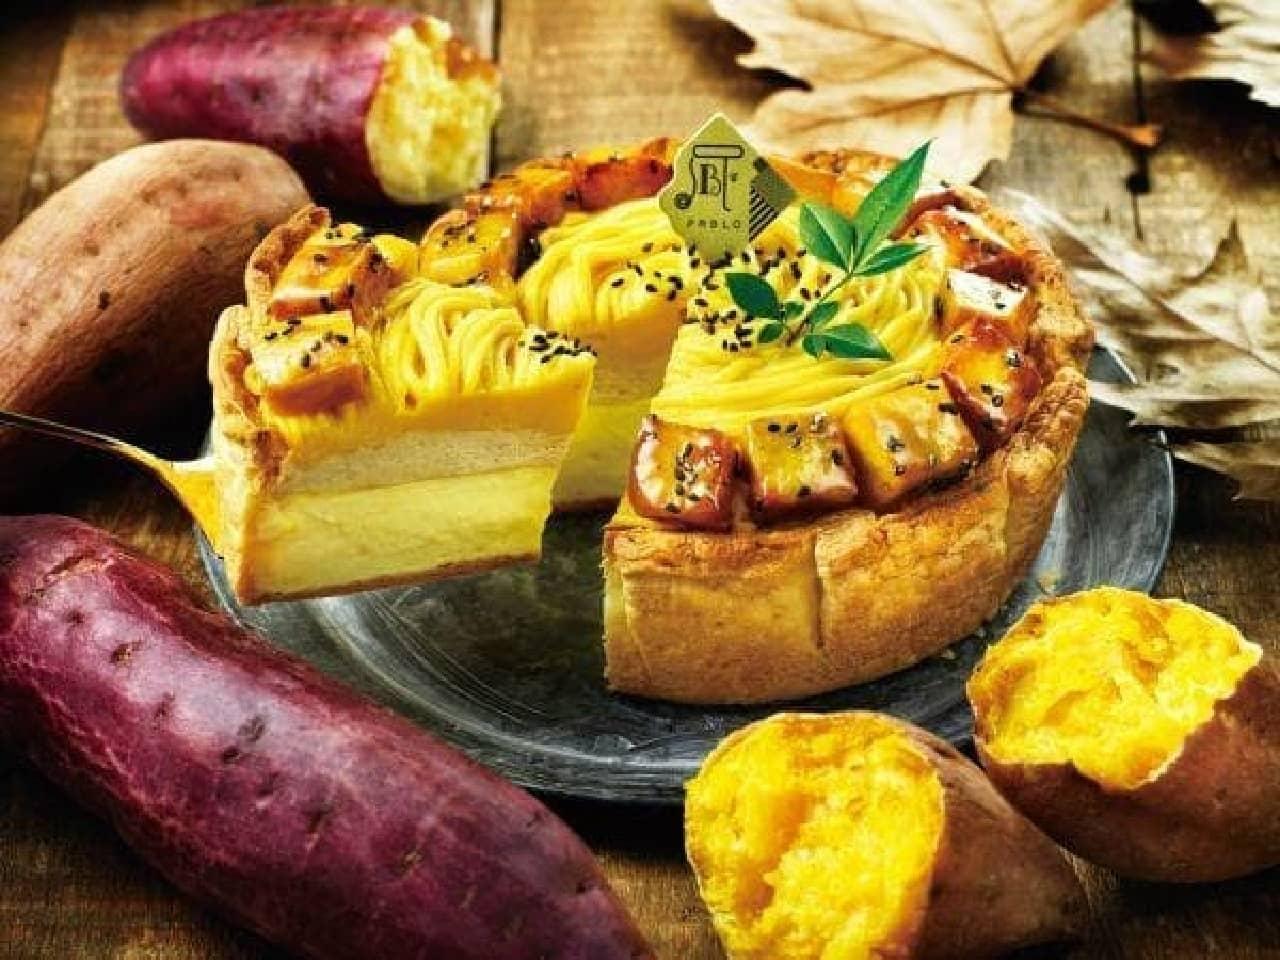 パブロ「安納芋とアールグレイクリームのチーズタルト」